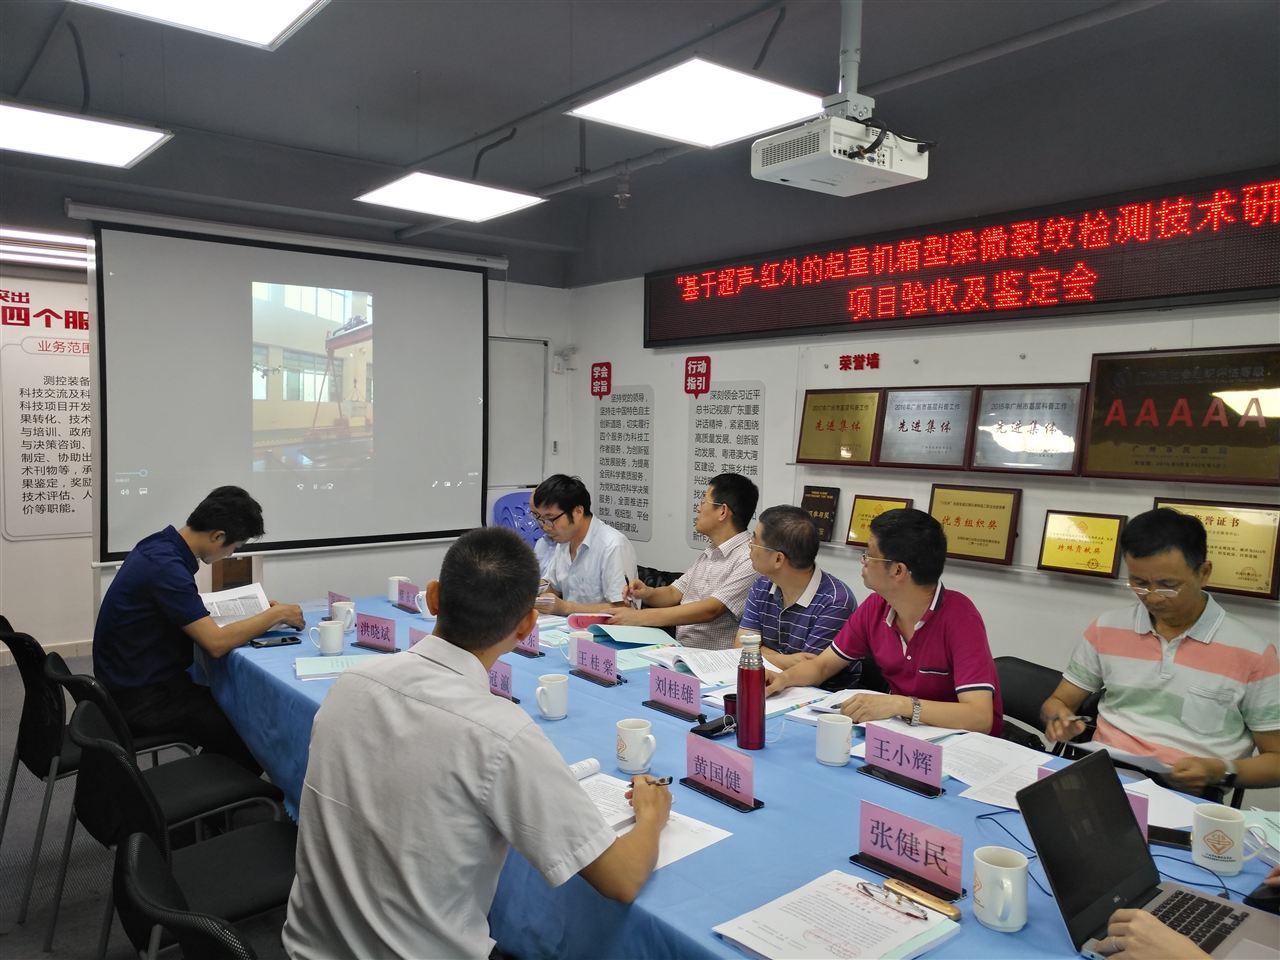 广州特种机电设备检测研究院2科技成果鉴定会召开